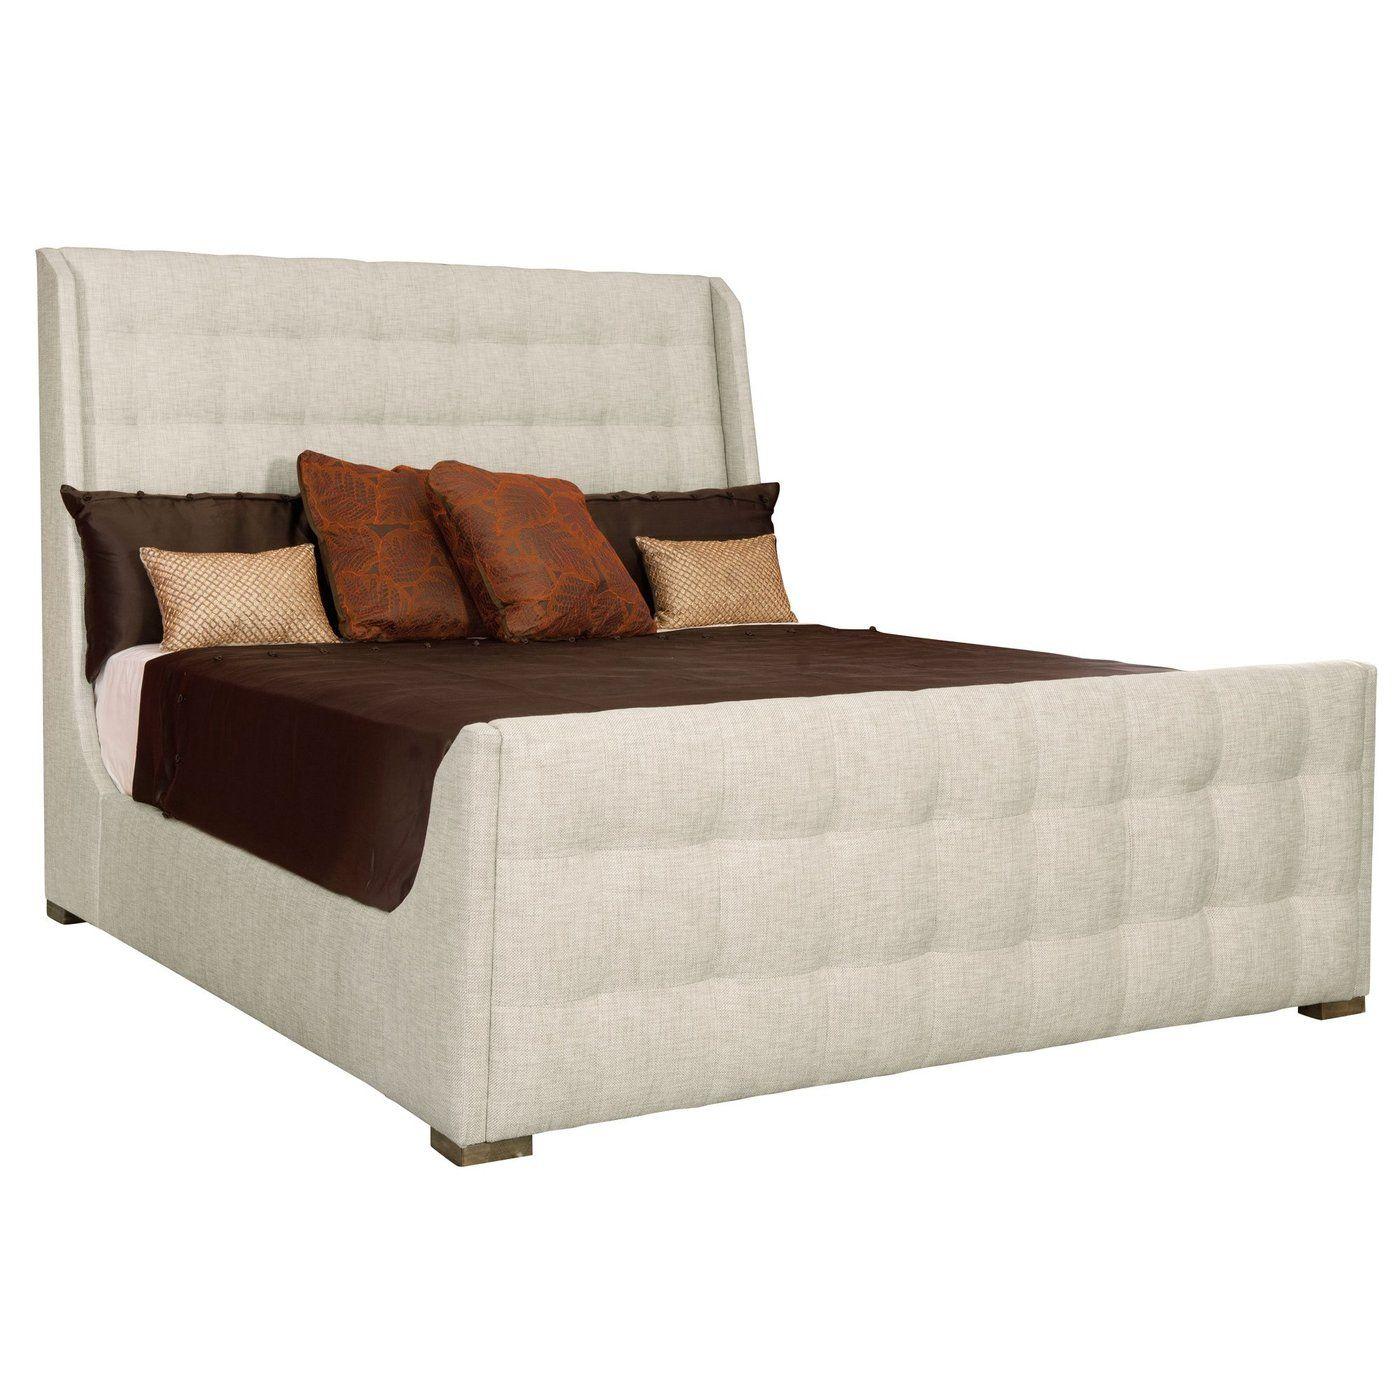 Lysander Upholstered Sleigh Bed Upholstered sleigh bed